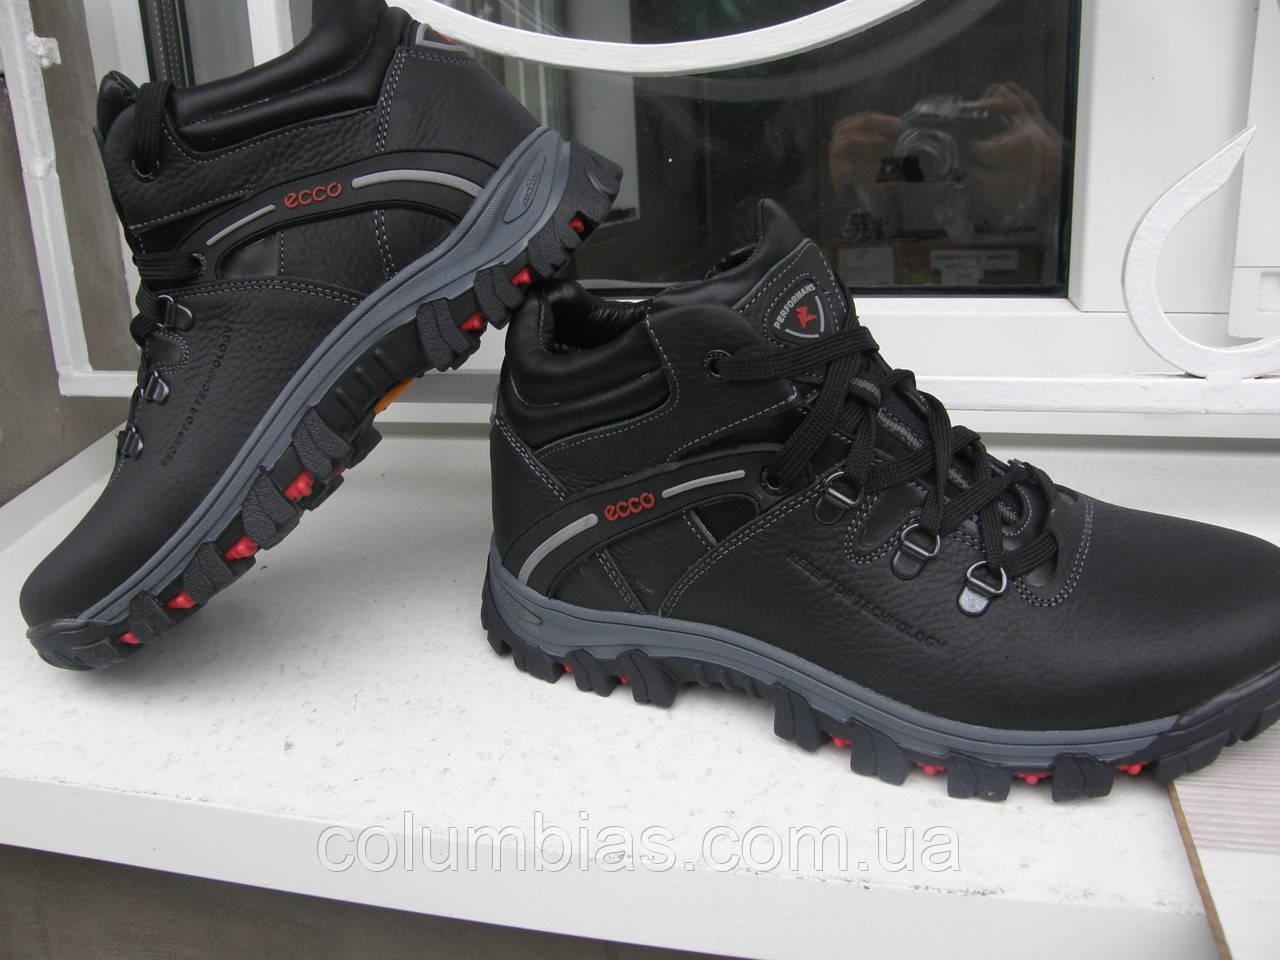 2306ce6ef Зимние спорт ботинки Ecco: продажа, цена в Днепропетровской области ...